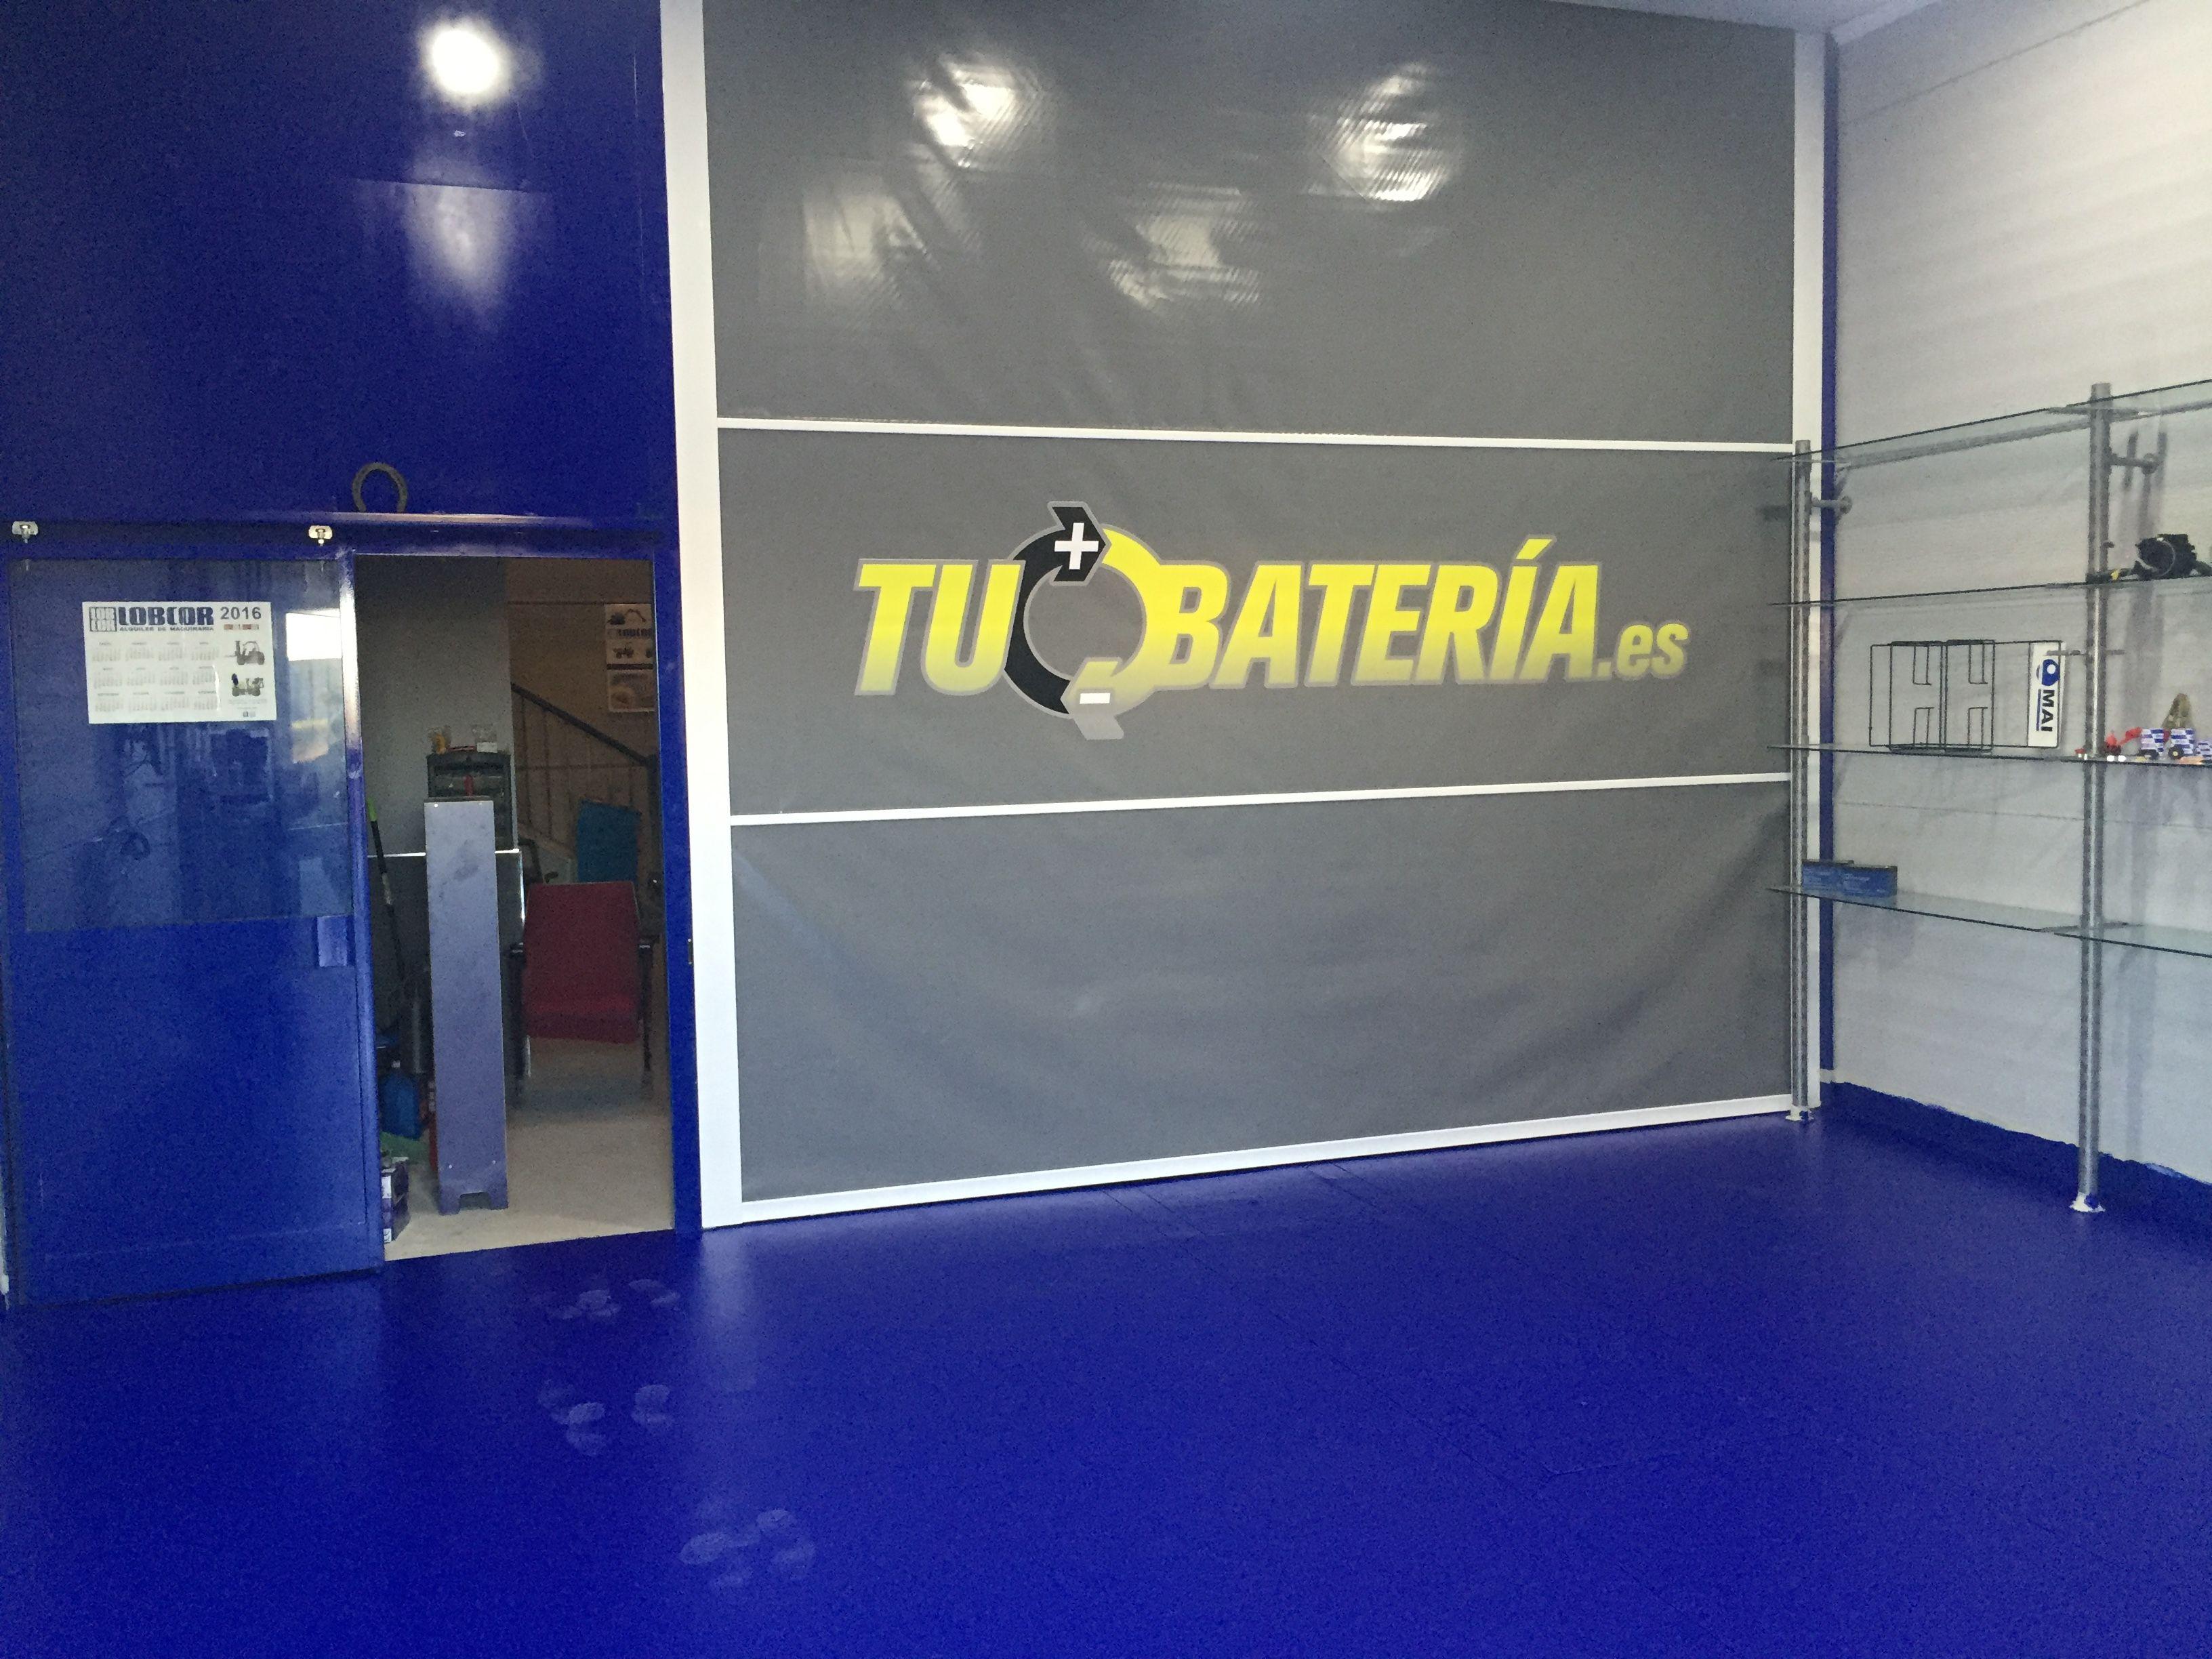 Venta y reparación de baterías en Sevilla